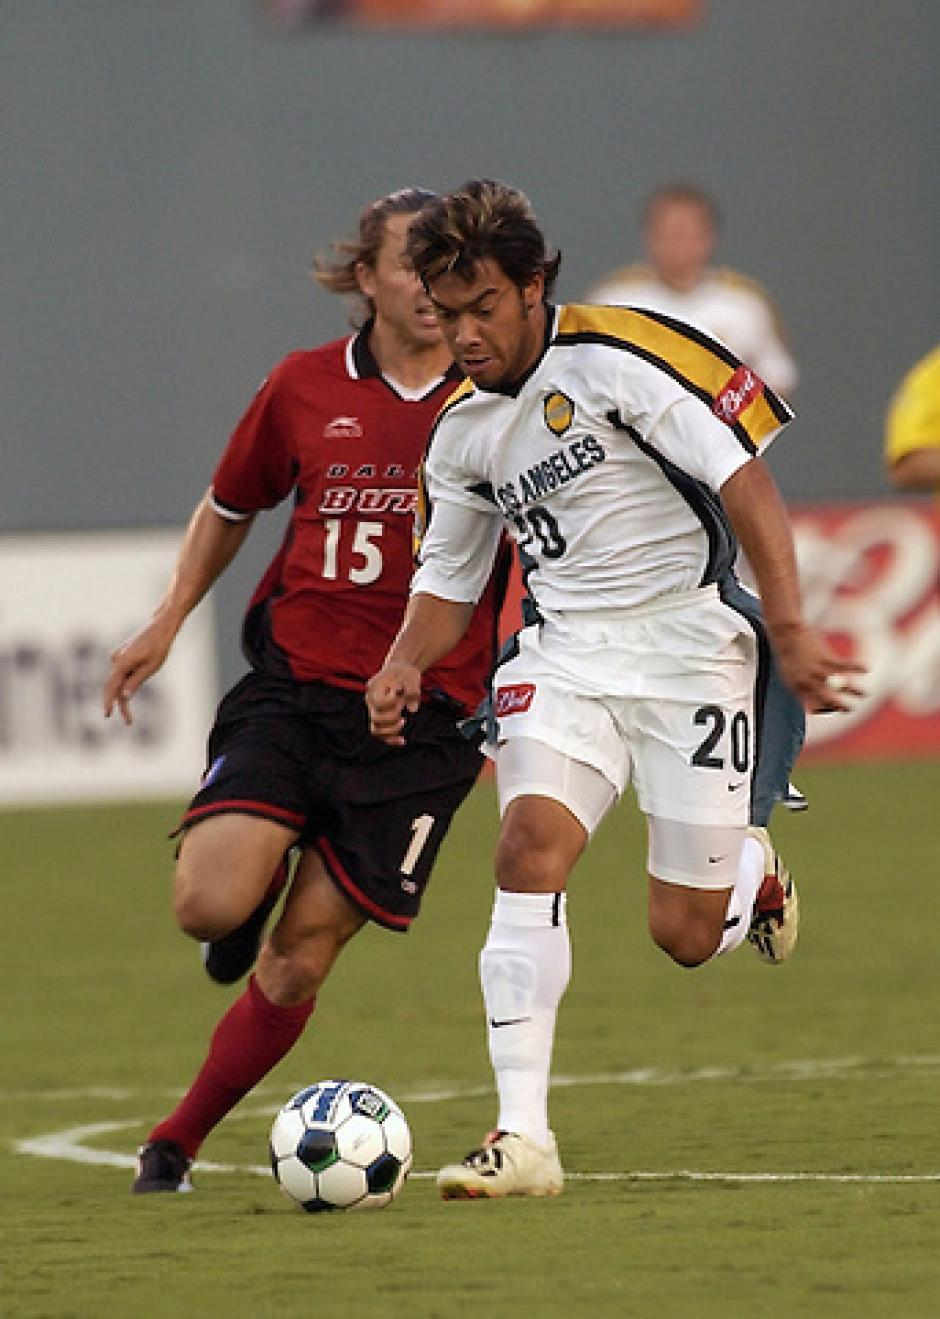 El guatemalteco marcó un estilo propio en el fútbol estadounidense.